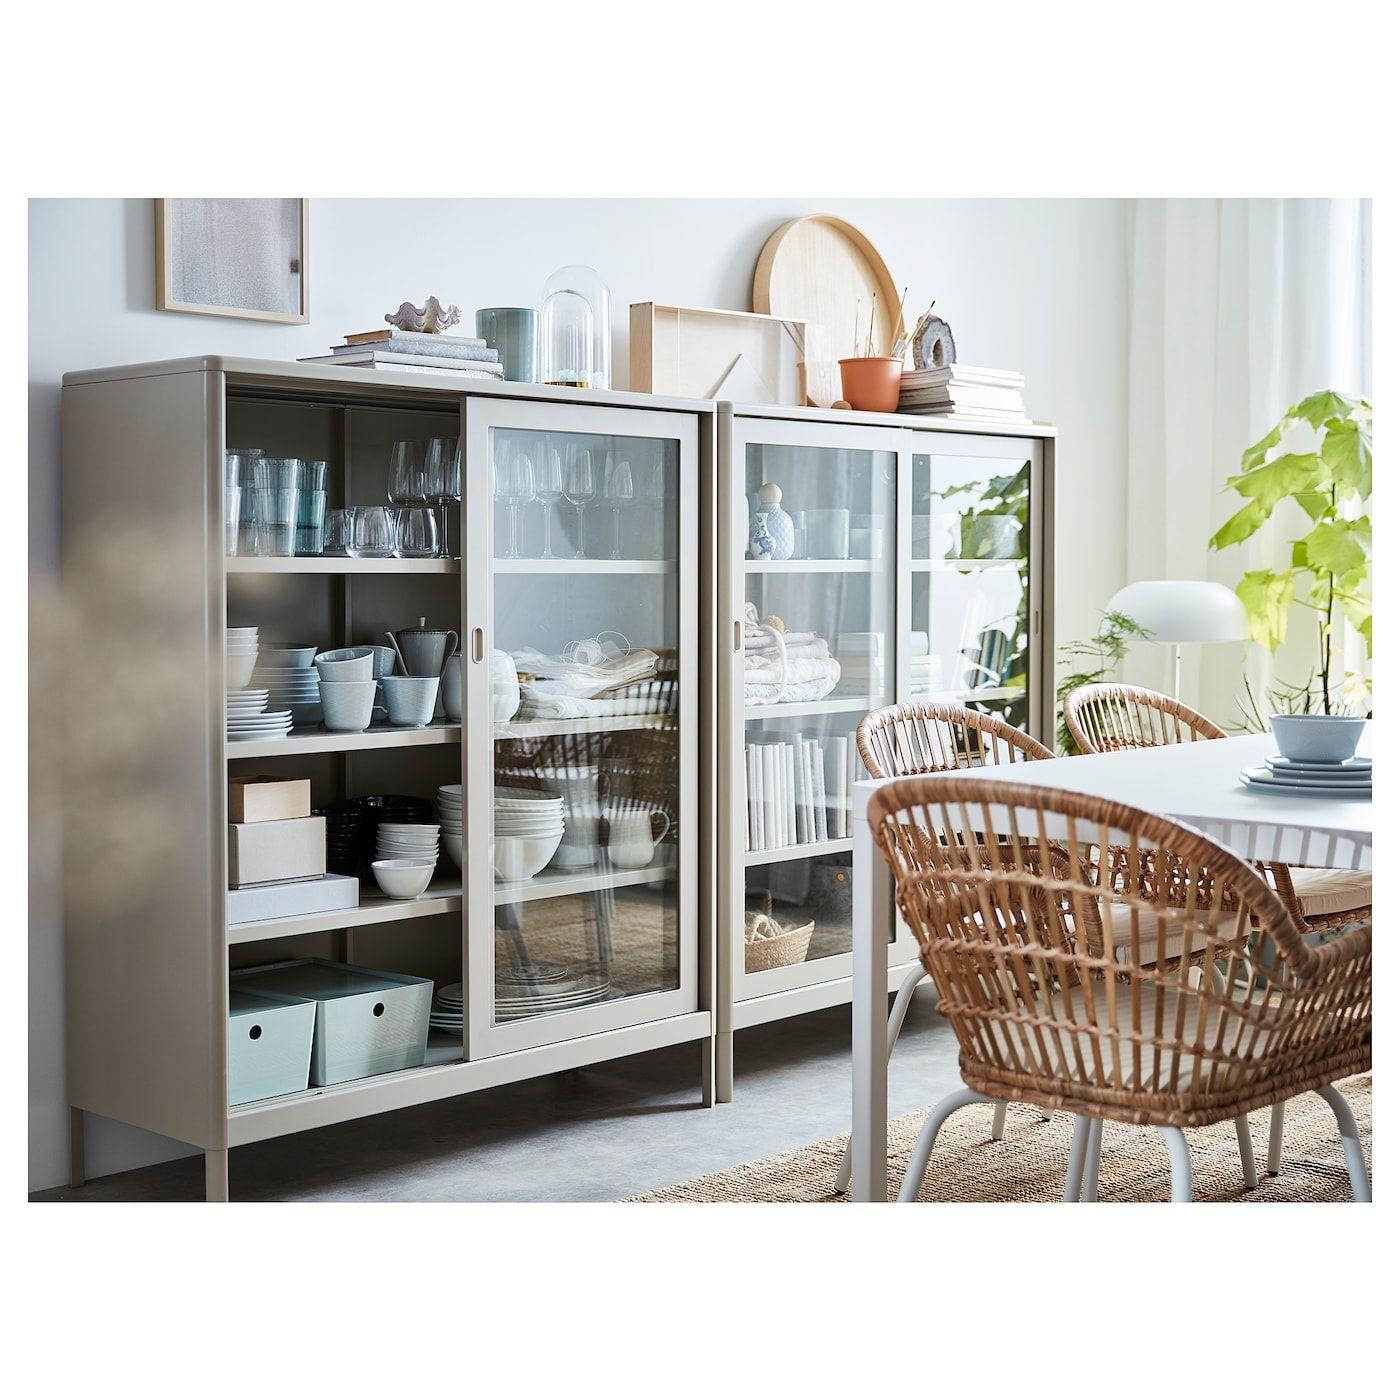 IdÅsen Beige Cabinet With Sliding Glass Doors 120x140 Cm Ikea Glasschiebetür Glastür Vitrine